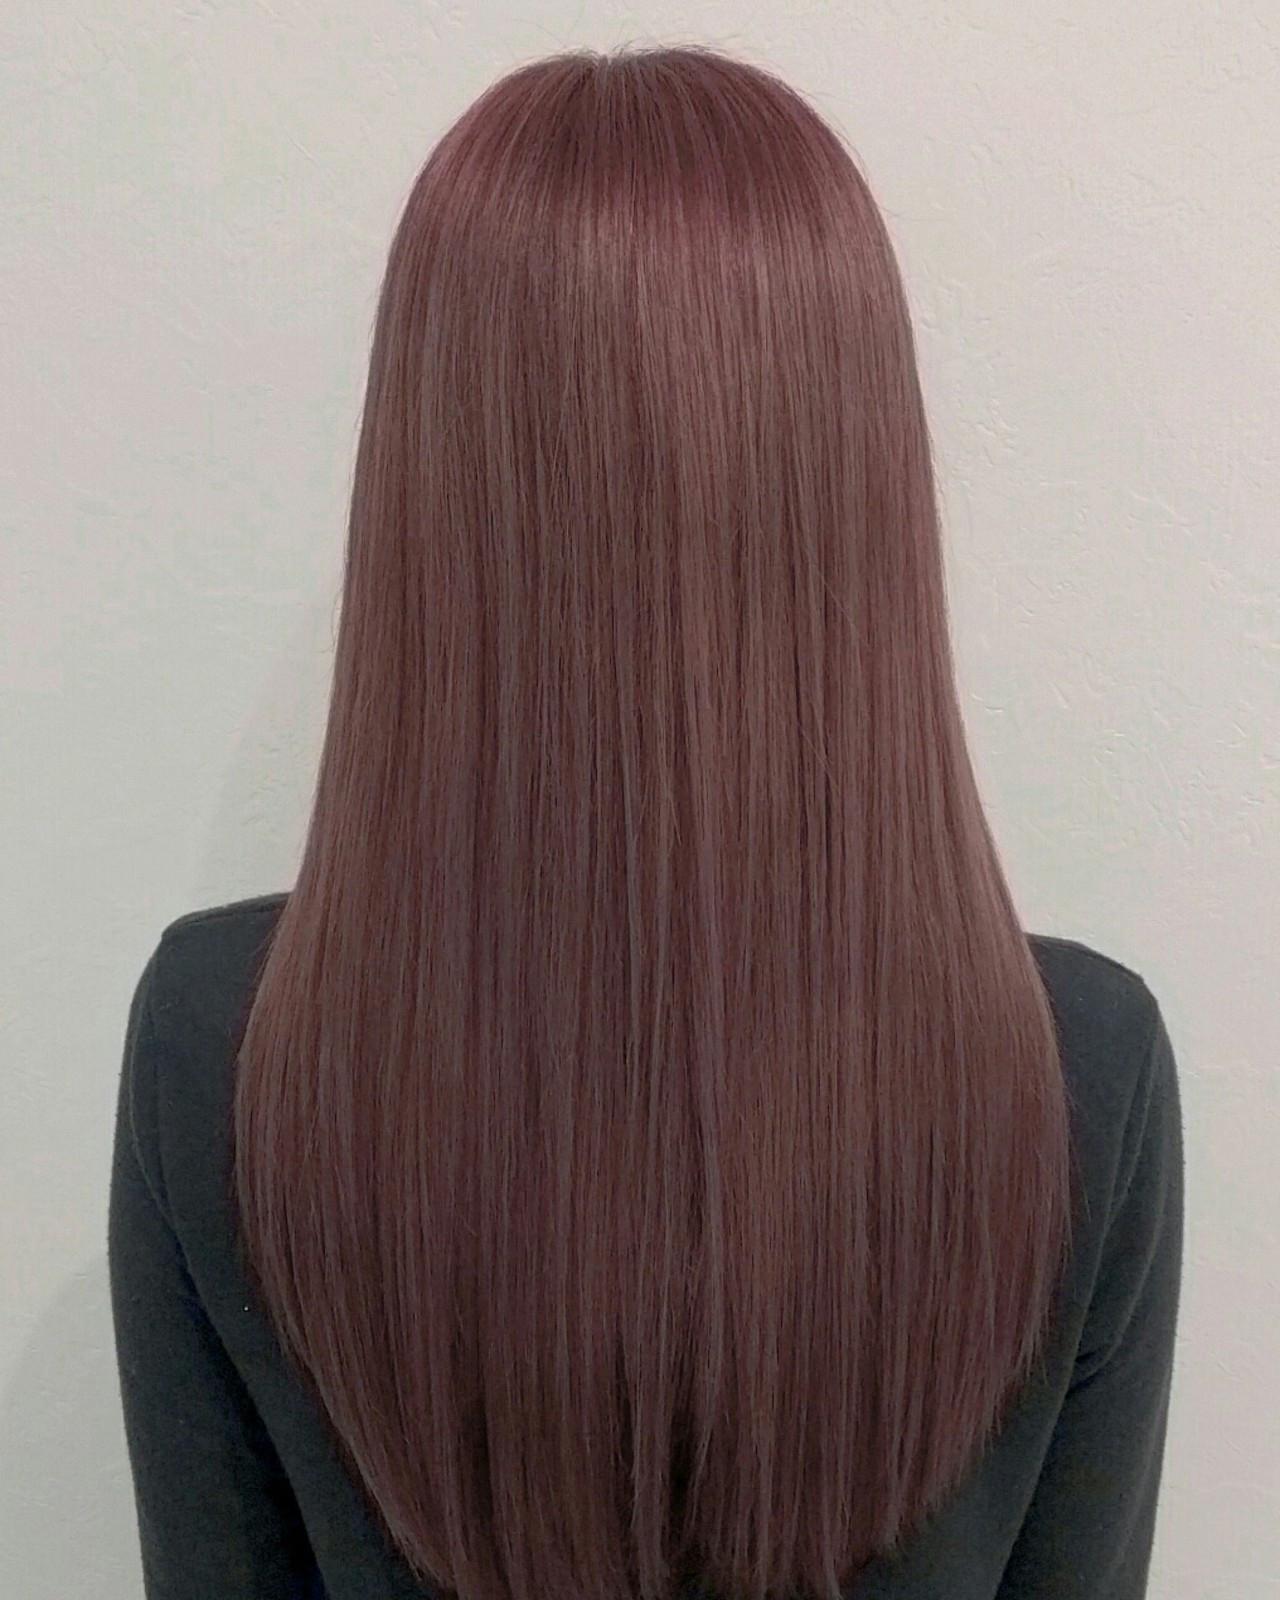 ガーリー 春 ストレート ロング ヘアスタイルや髪型の写真・画像